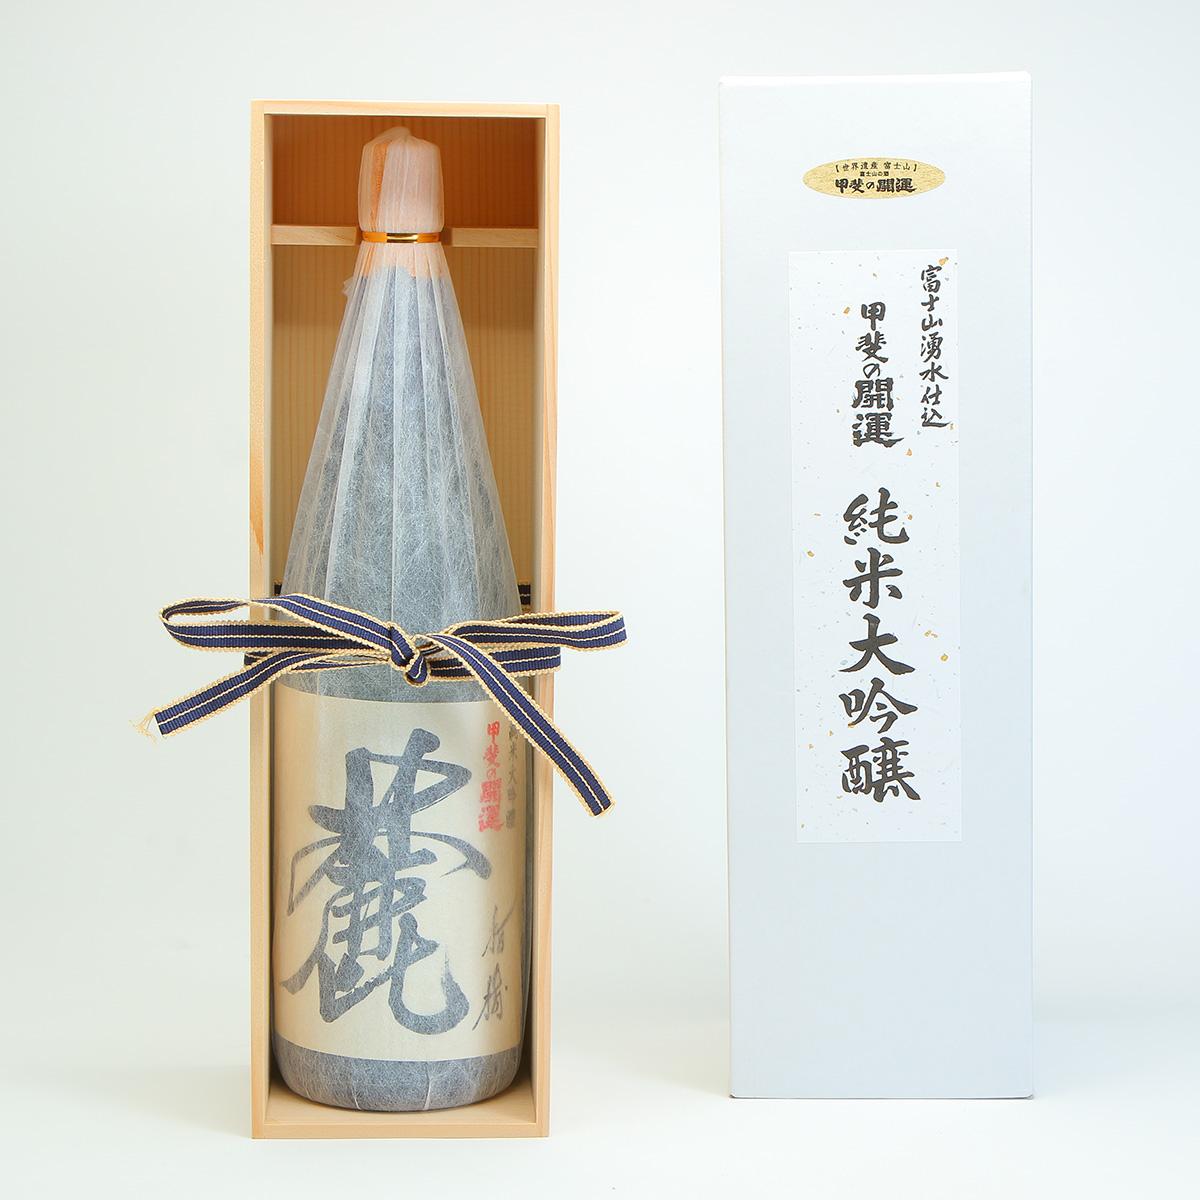 【ふるさと納税】甲斐の開運 純米大吟醸 麓(木箱入)■